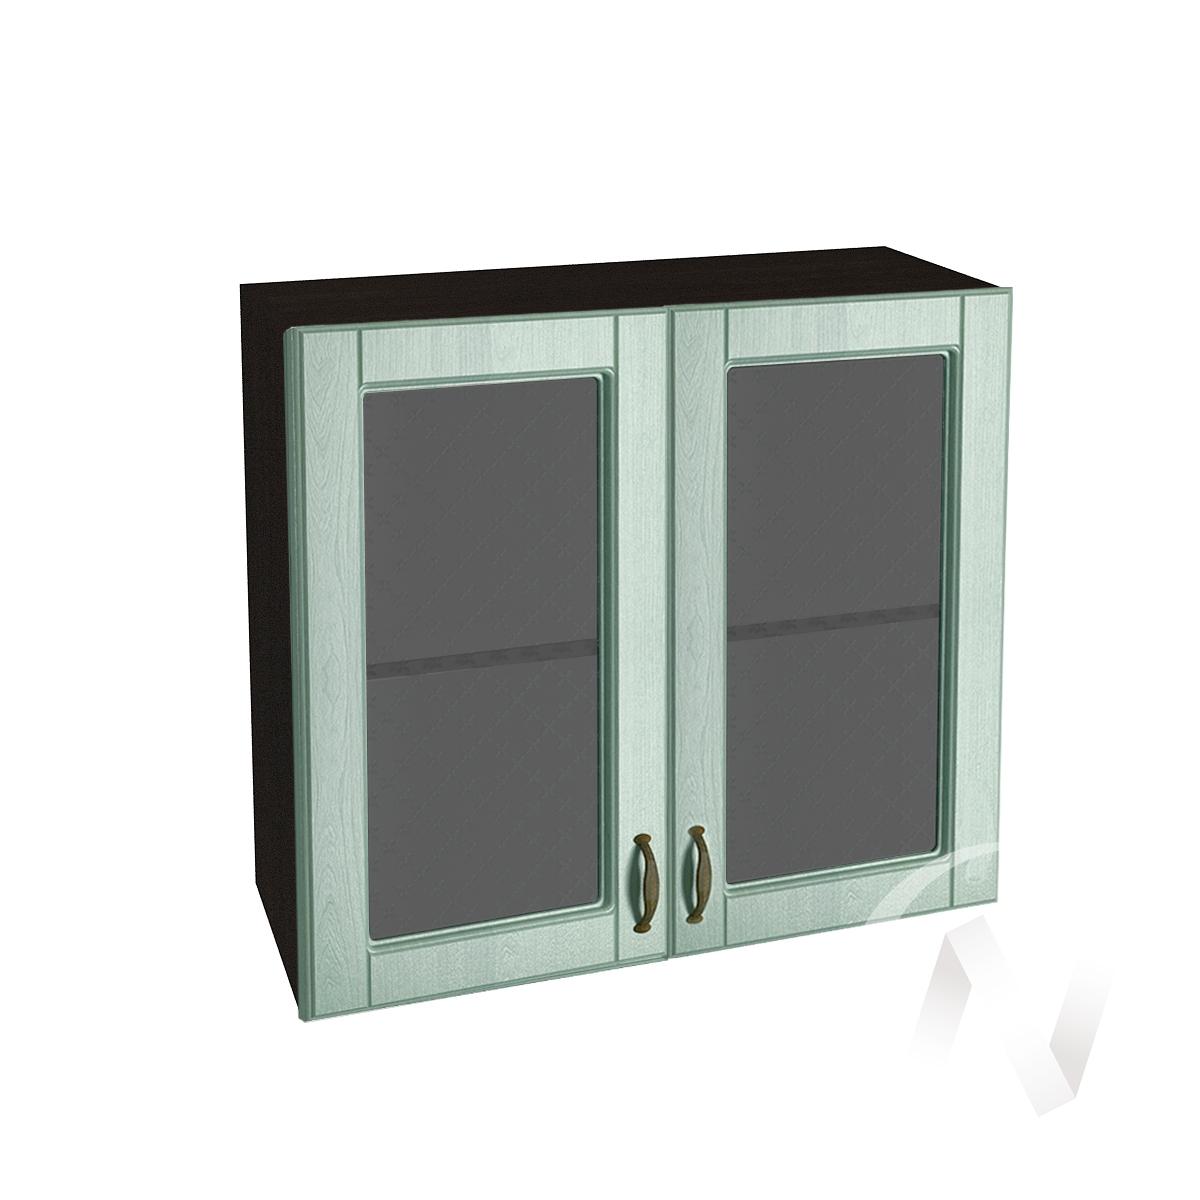 """Кухня """"Прованс"""": Шкаф верхний со стеклом 800, ШВС 800 (корпус венге)  в Новосибирске - интернет магазин Мебельный Проспект"""